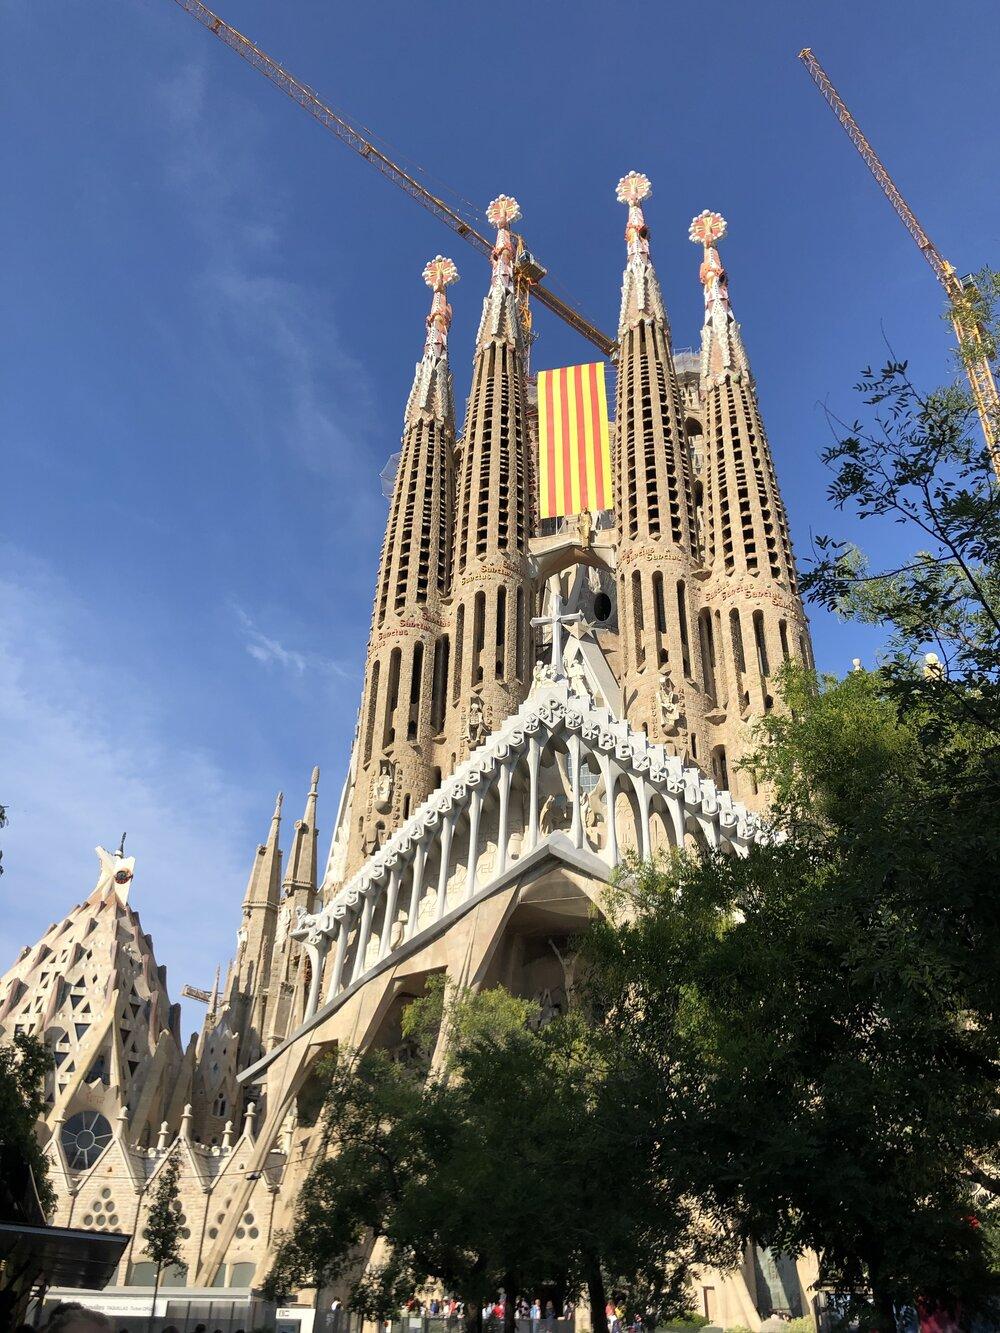 The famous La Sagrada Familia